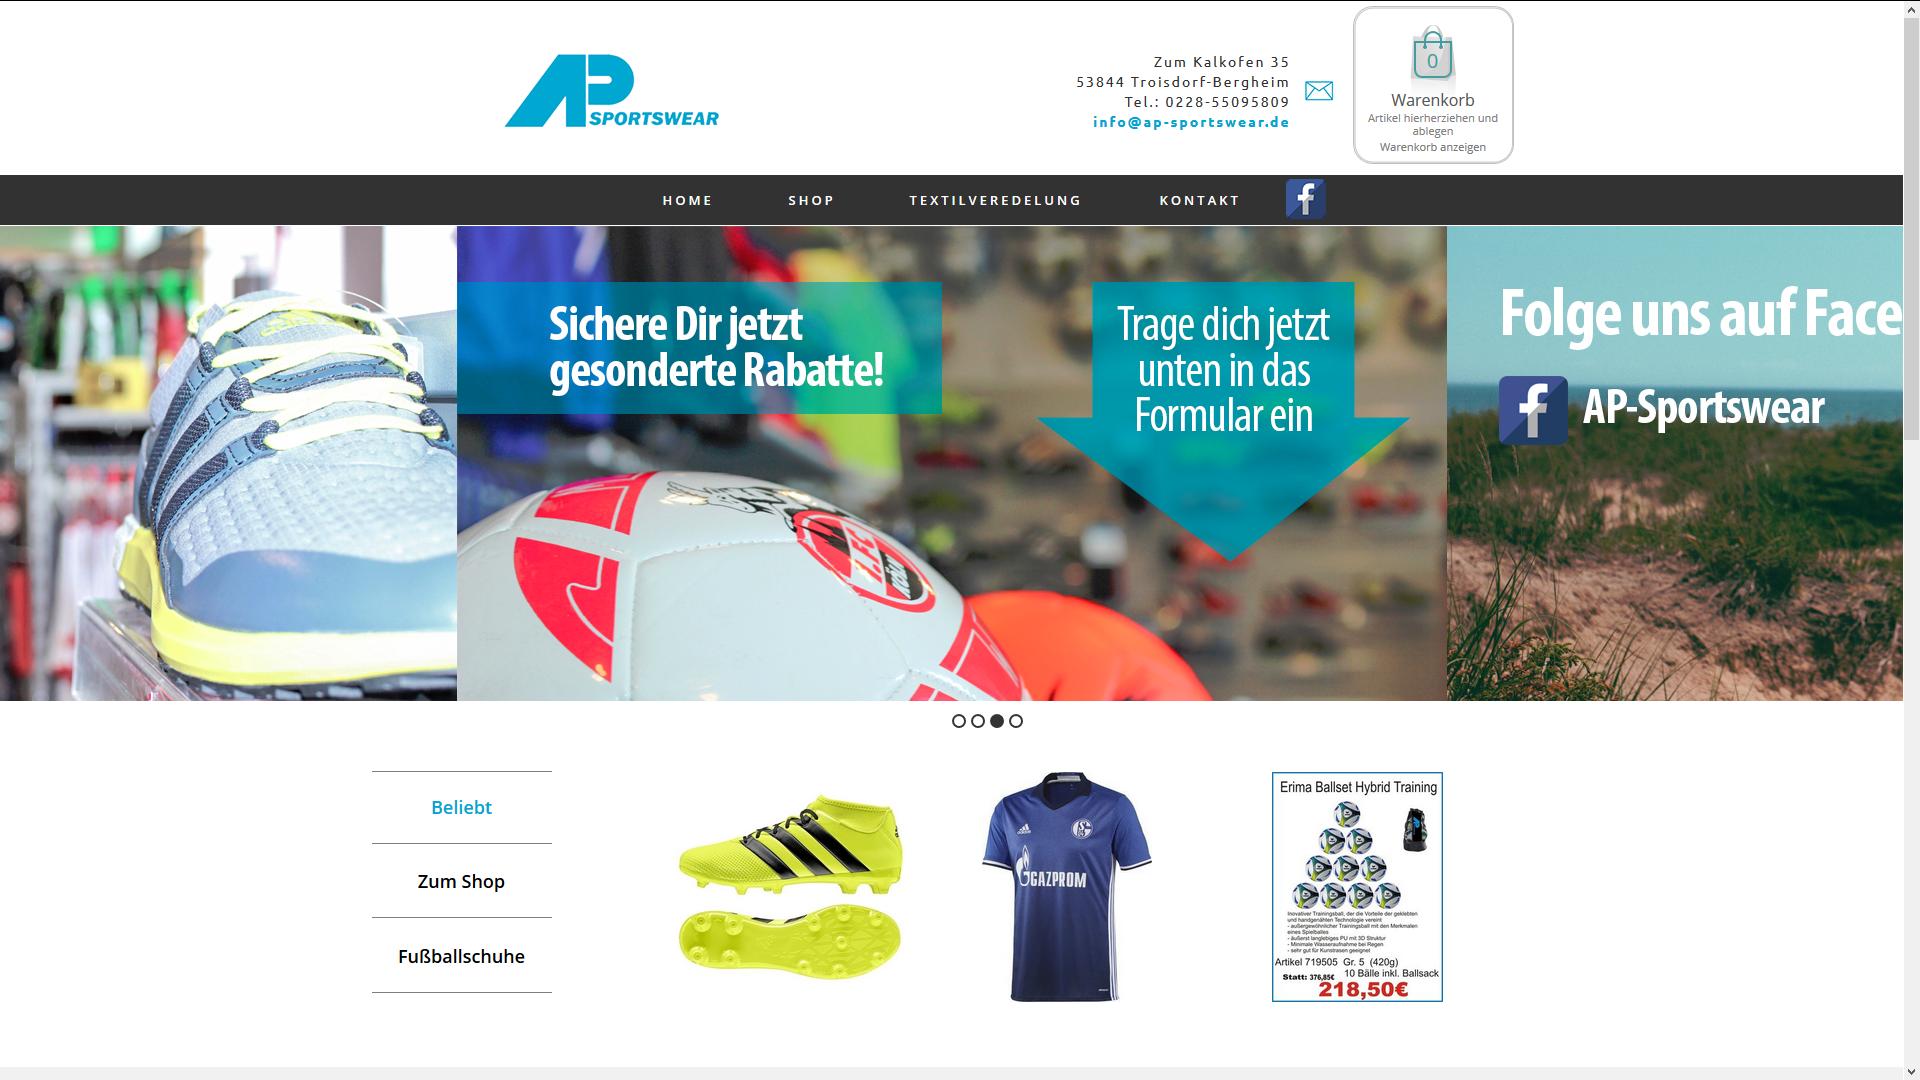 AP-Sportswear